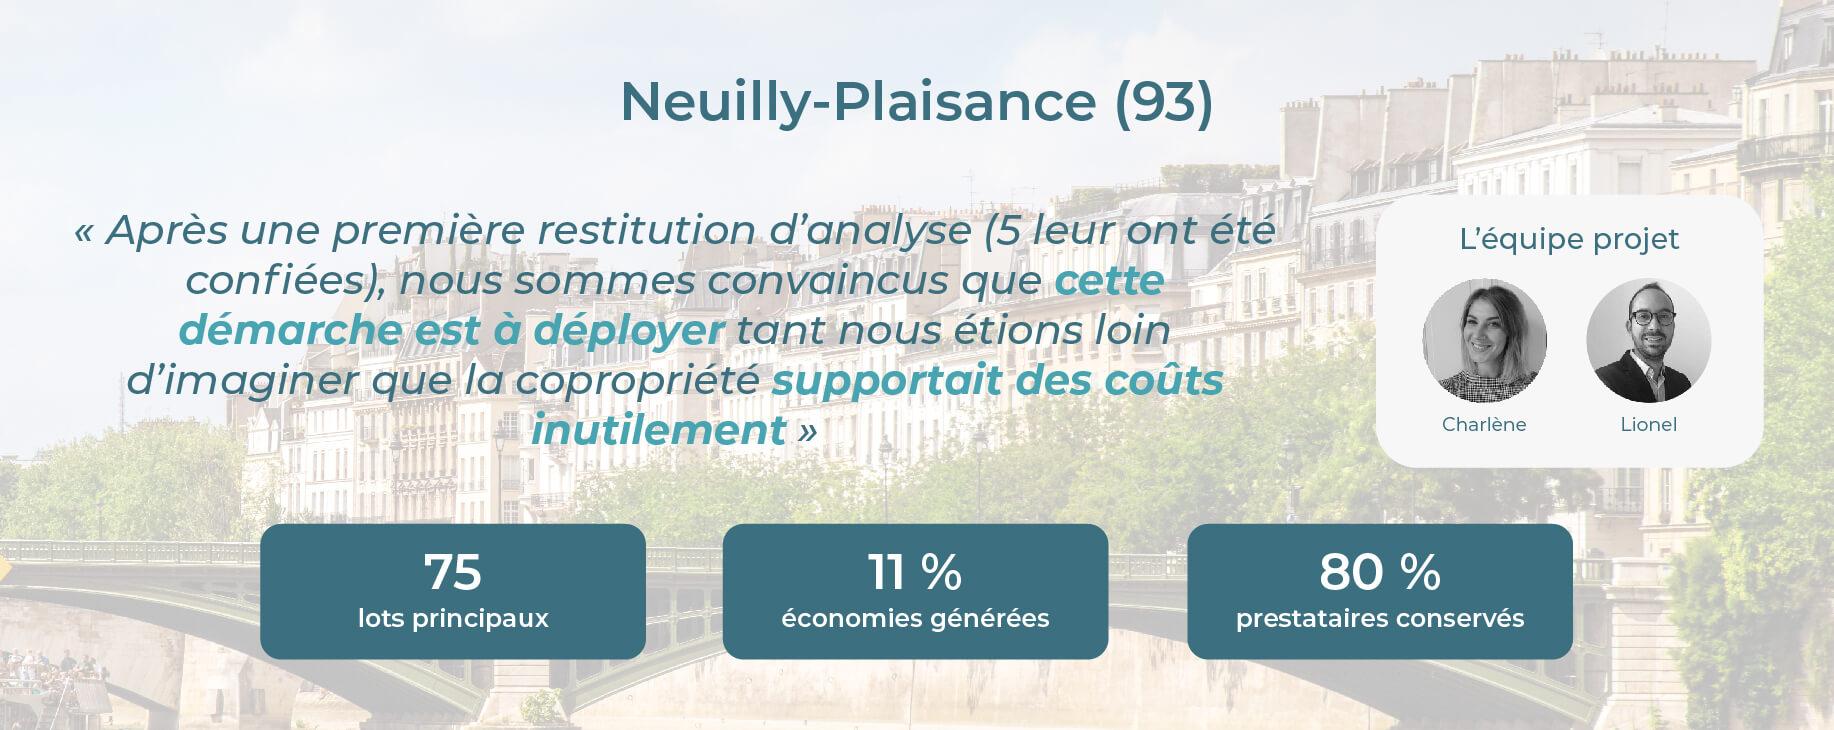 Avis Econhomes copropriété charges Neuilly-Plaisance Ile de France